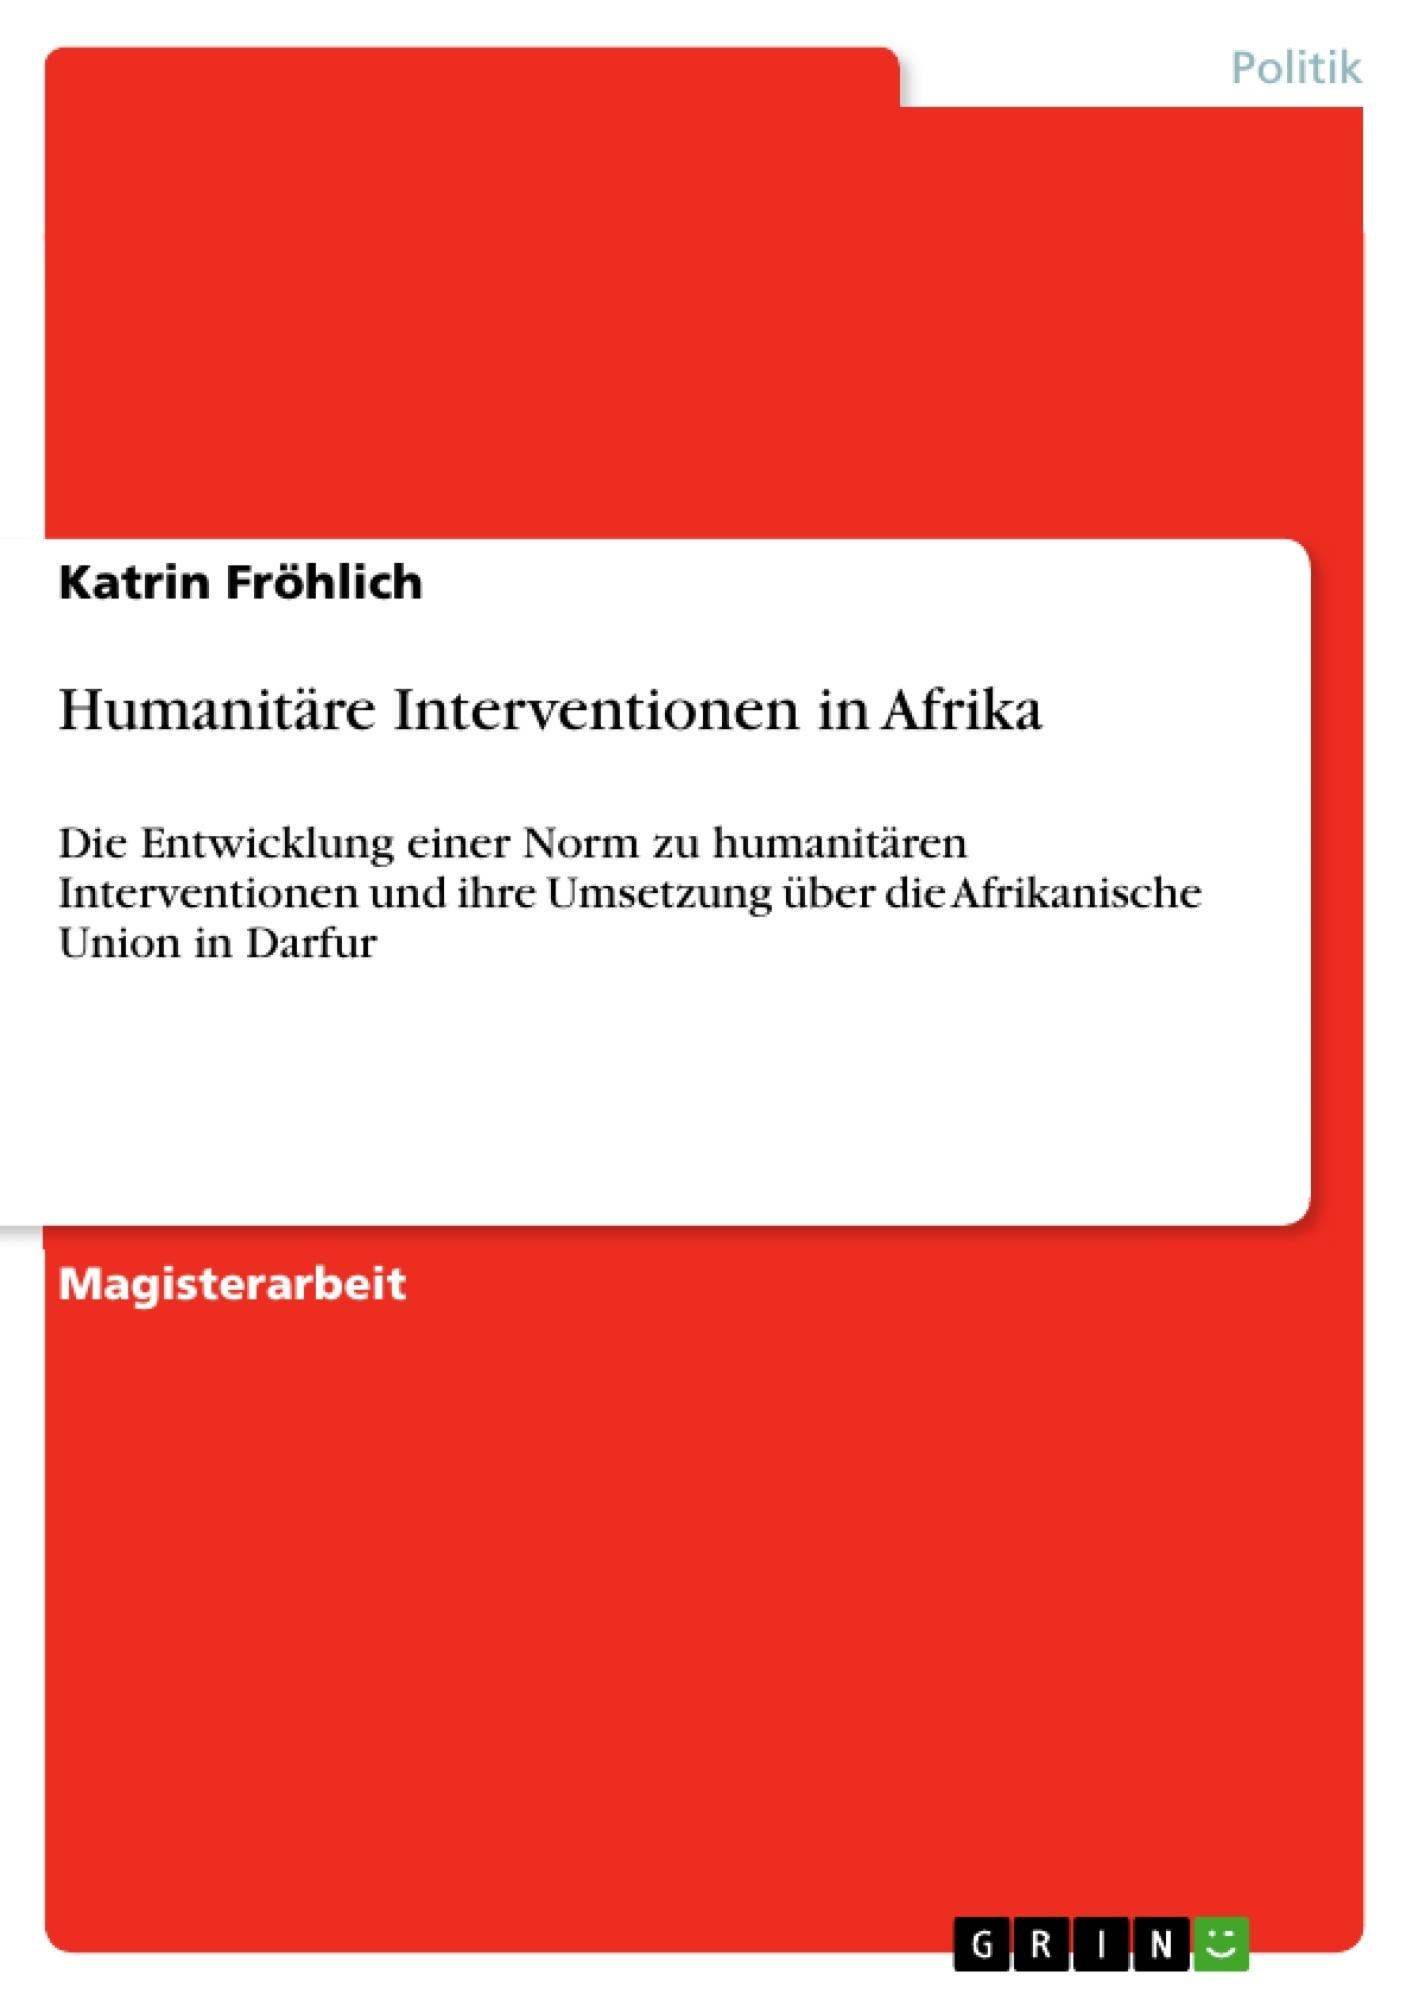 Titel: Humanitäre Interventionen in Afrika